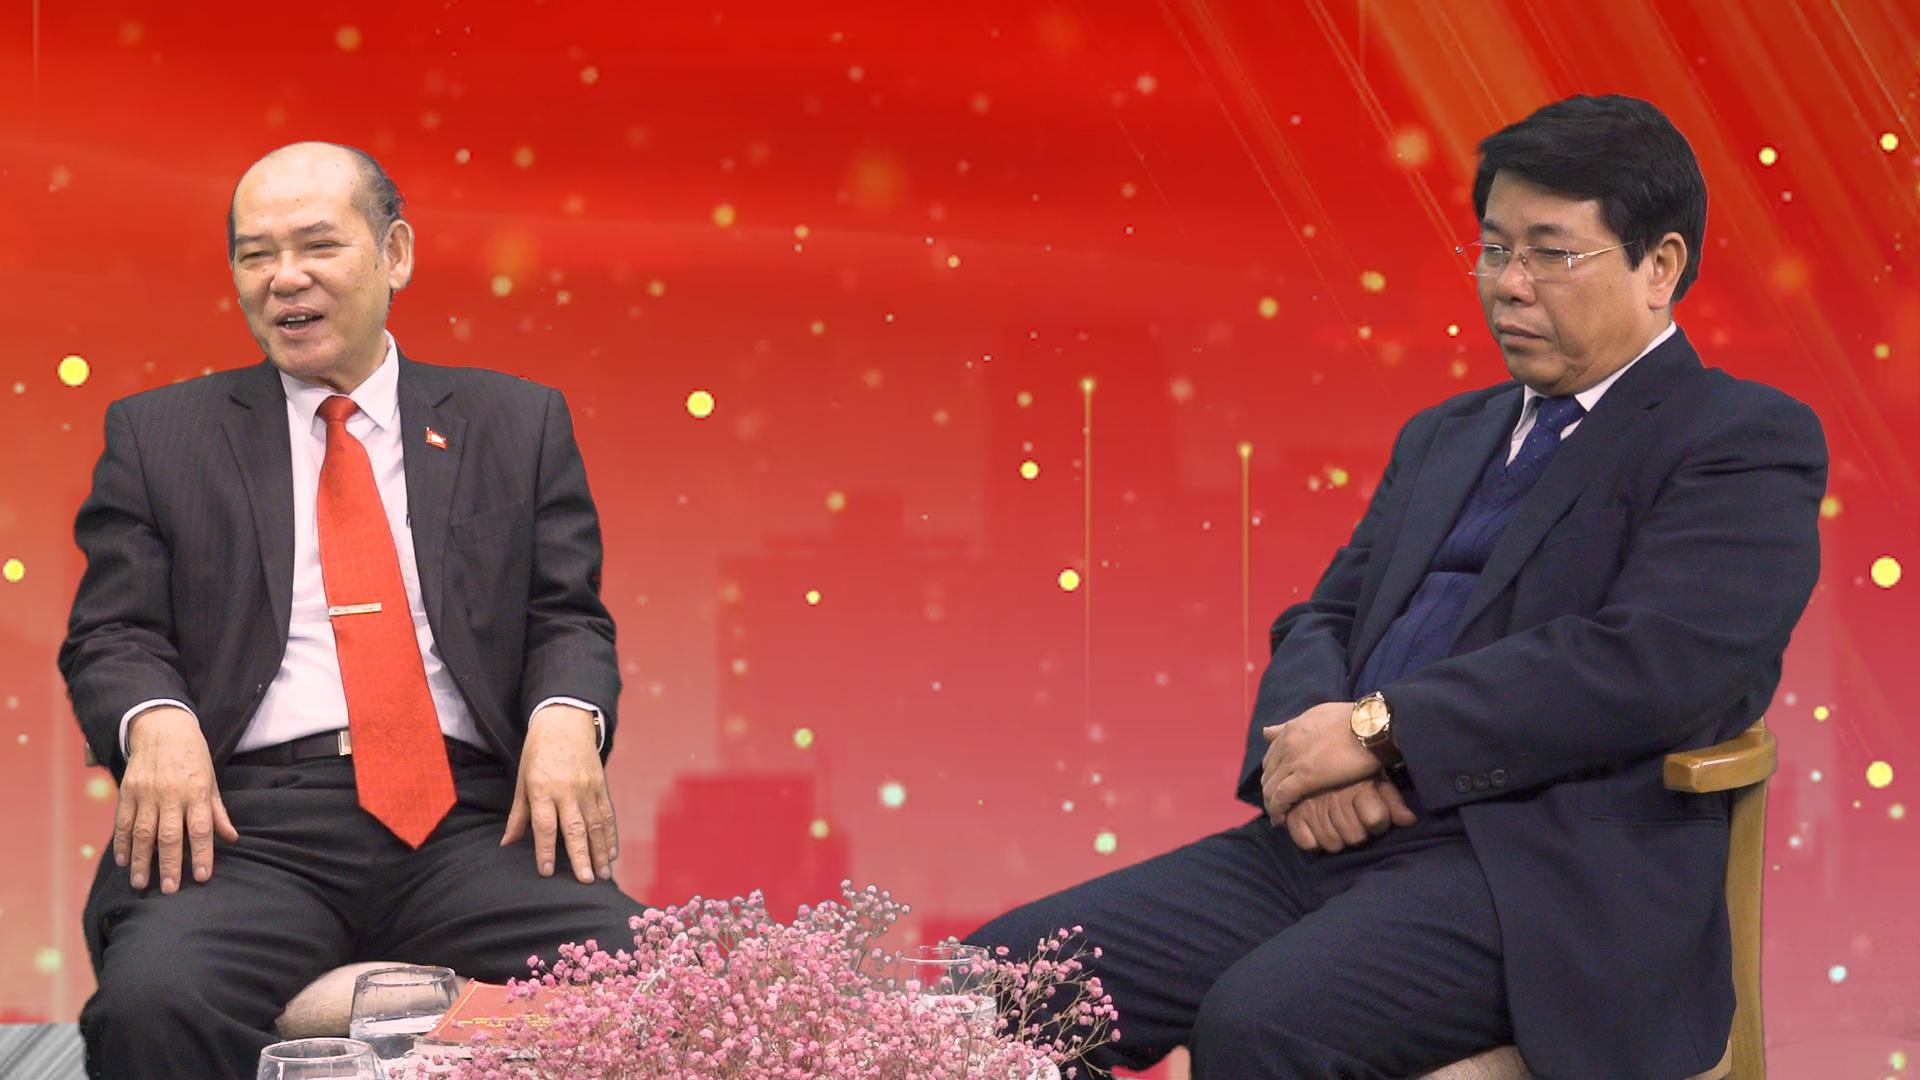 Giao lưu trực tuyến trước thềm Đại hội Đại biểu toàn quốc lần thứ XIII của Đảng - Ảnh 4.